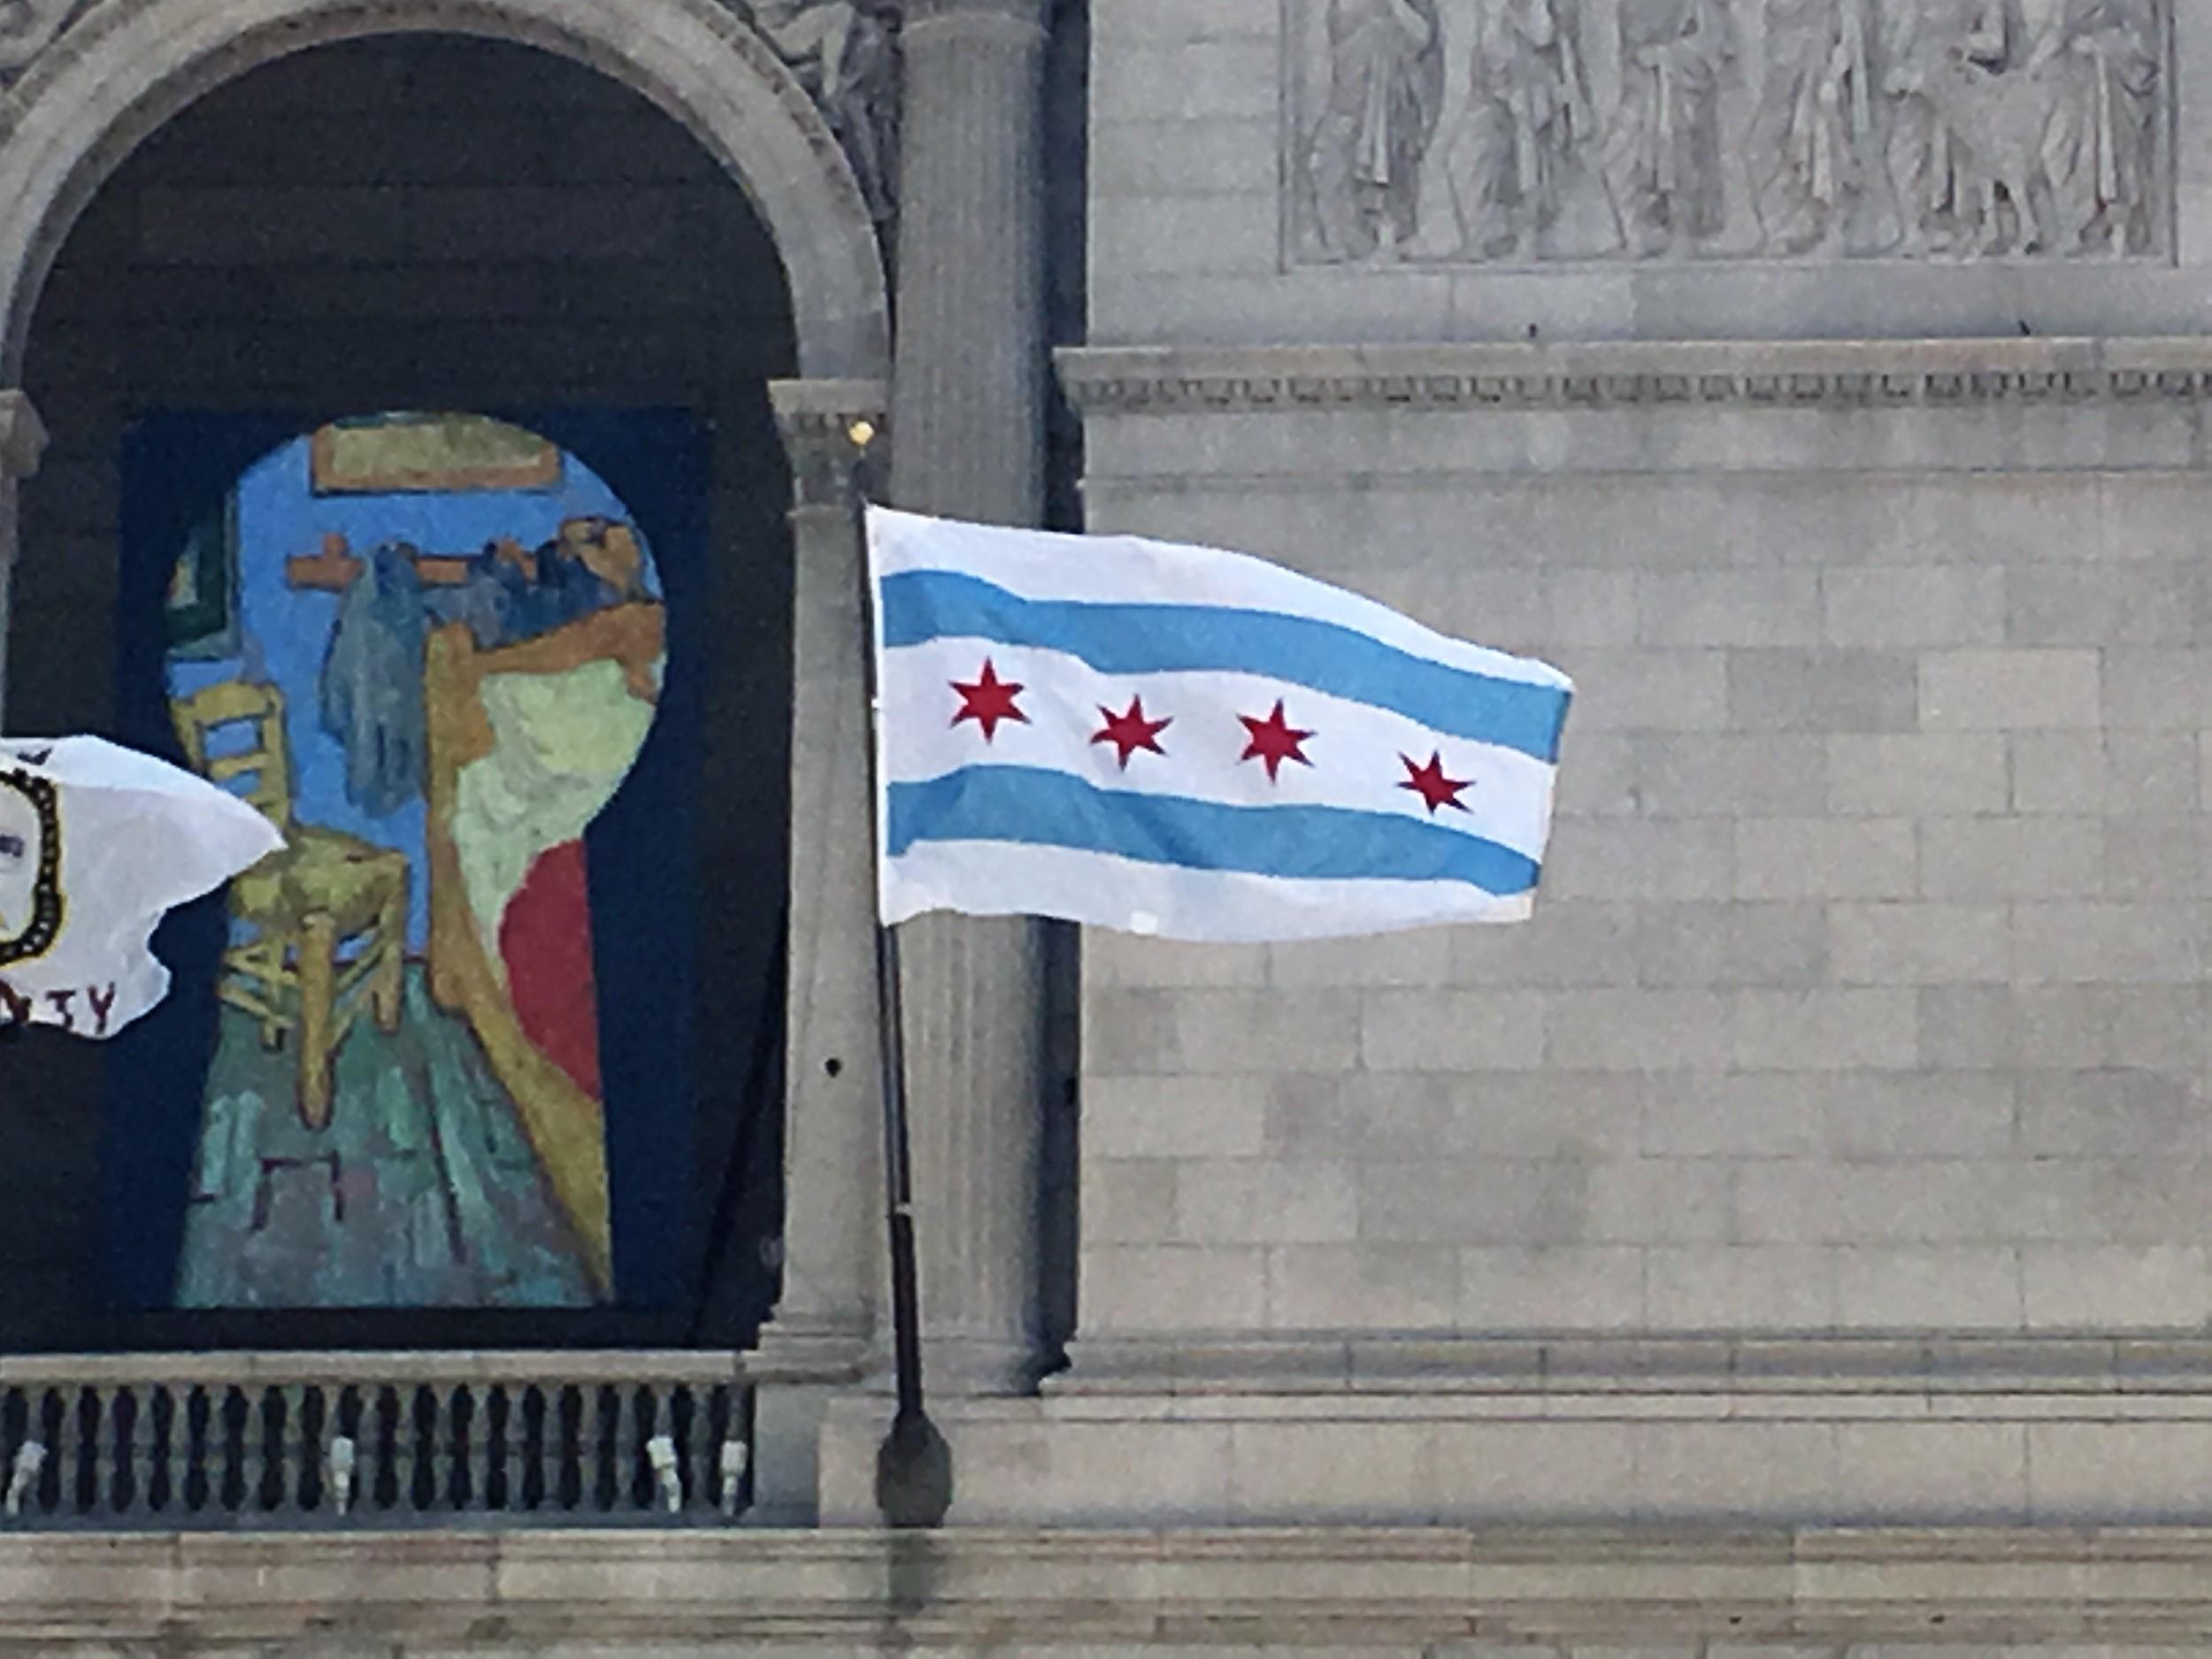 Chicagon lippu - Vaalkoiset raidat symbolisoivat kolmea kaupunginosa, kaksi sinistä - Michigan järven ja Chicago joen. Neljä punaista tähteä symbolisoivat neljä suurta tapahtuma kaupungin historiassa - 1. Kaupungin perustaminen v.1803 | 2. Suuri tulipalo v.1871 | 3. Maailman näyttely v.1893 ja 4. Maailman näyttely v. 1933 - Kaupunginjohtaja lupasi lisätä viidennen tähden jos Chicago Cubs (baseball joukkue) voittaa mestaruuden, ensimmäistä kertaa sitten vuoden 1908 jälkeen :)